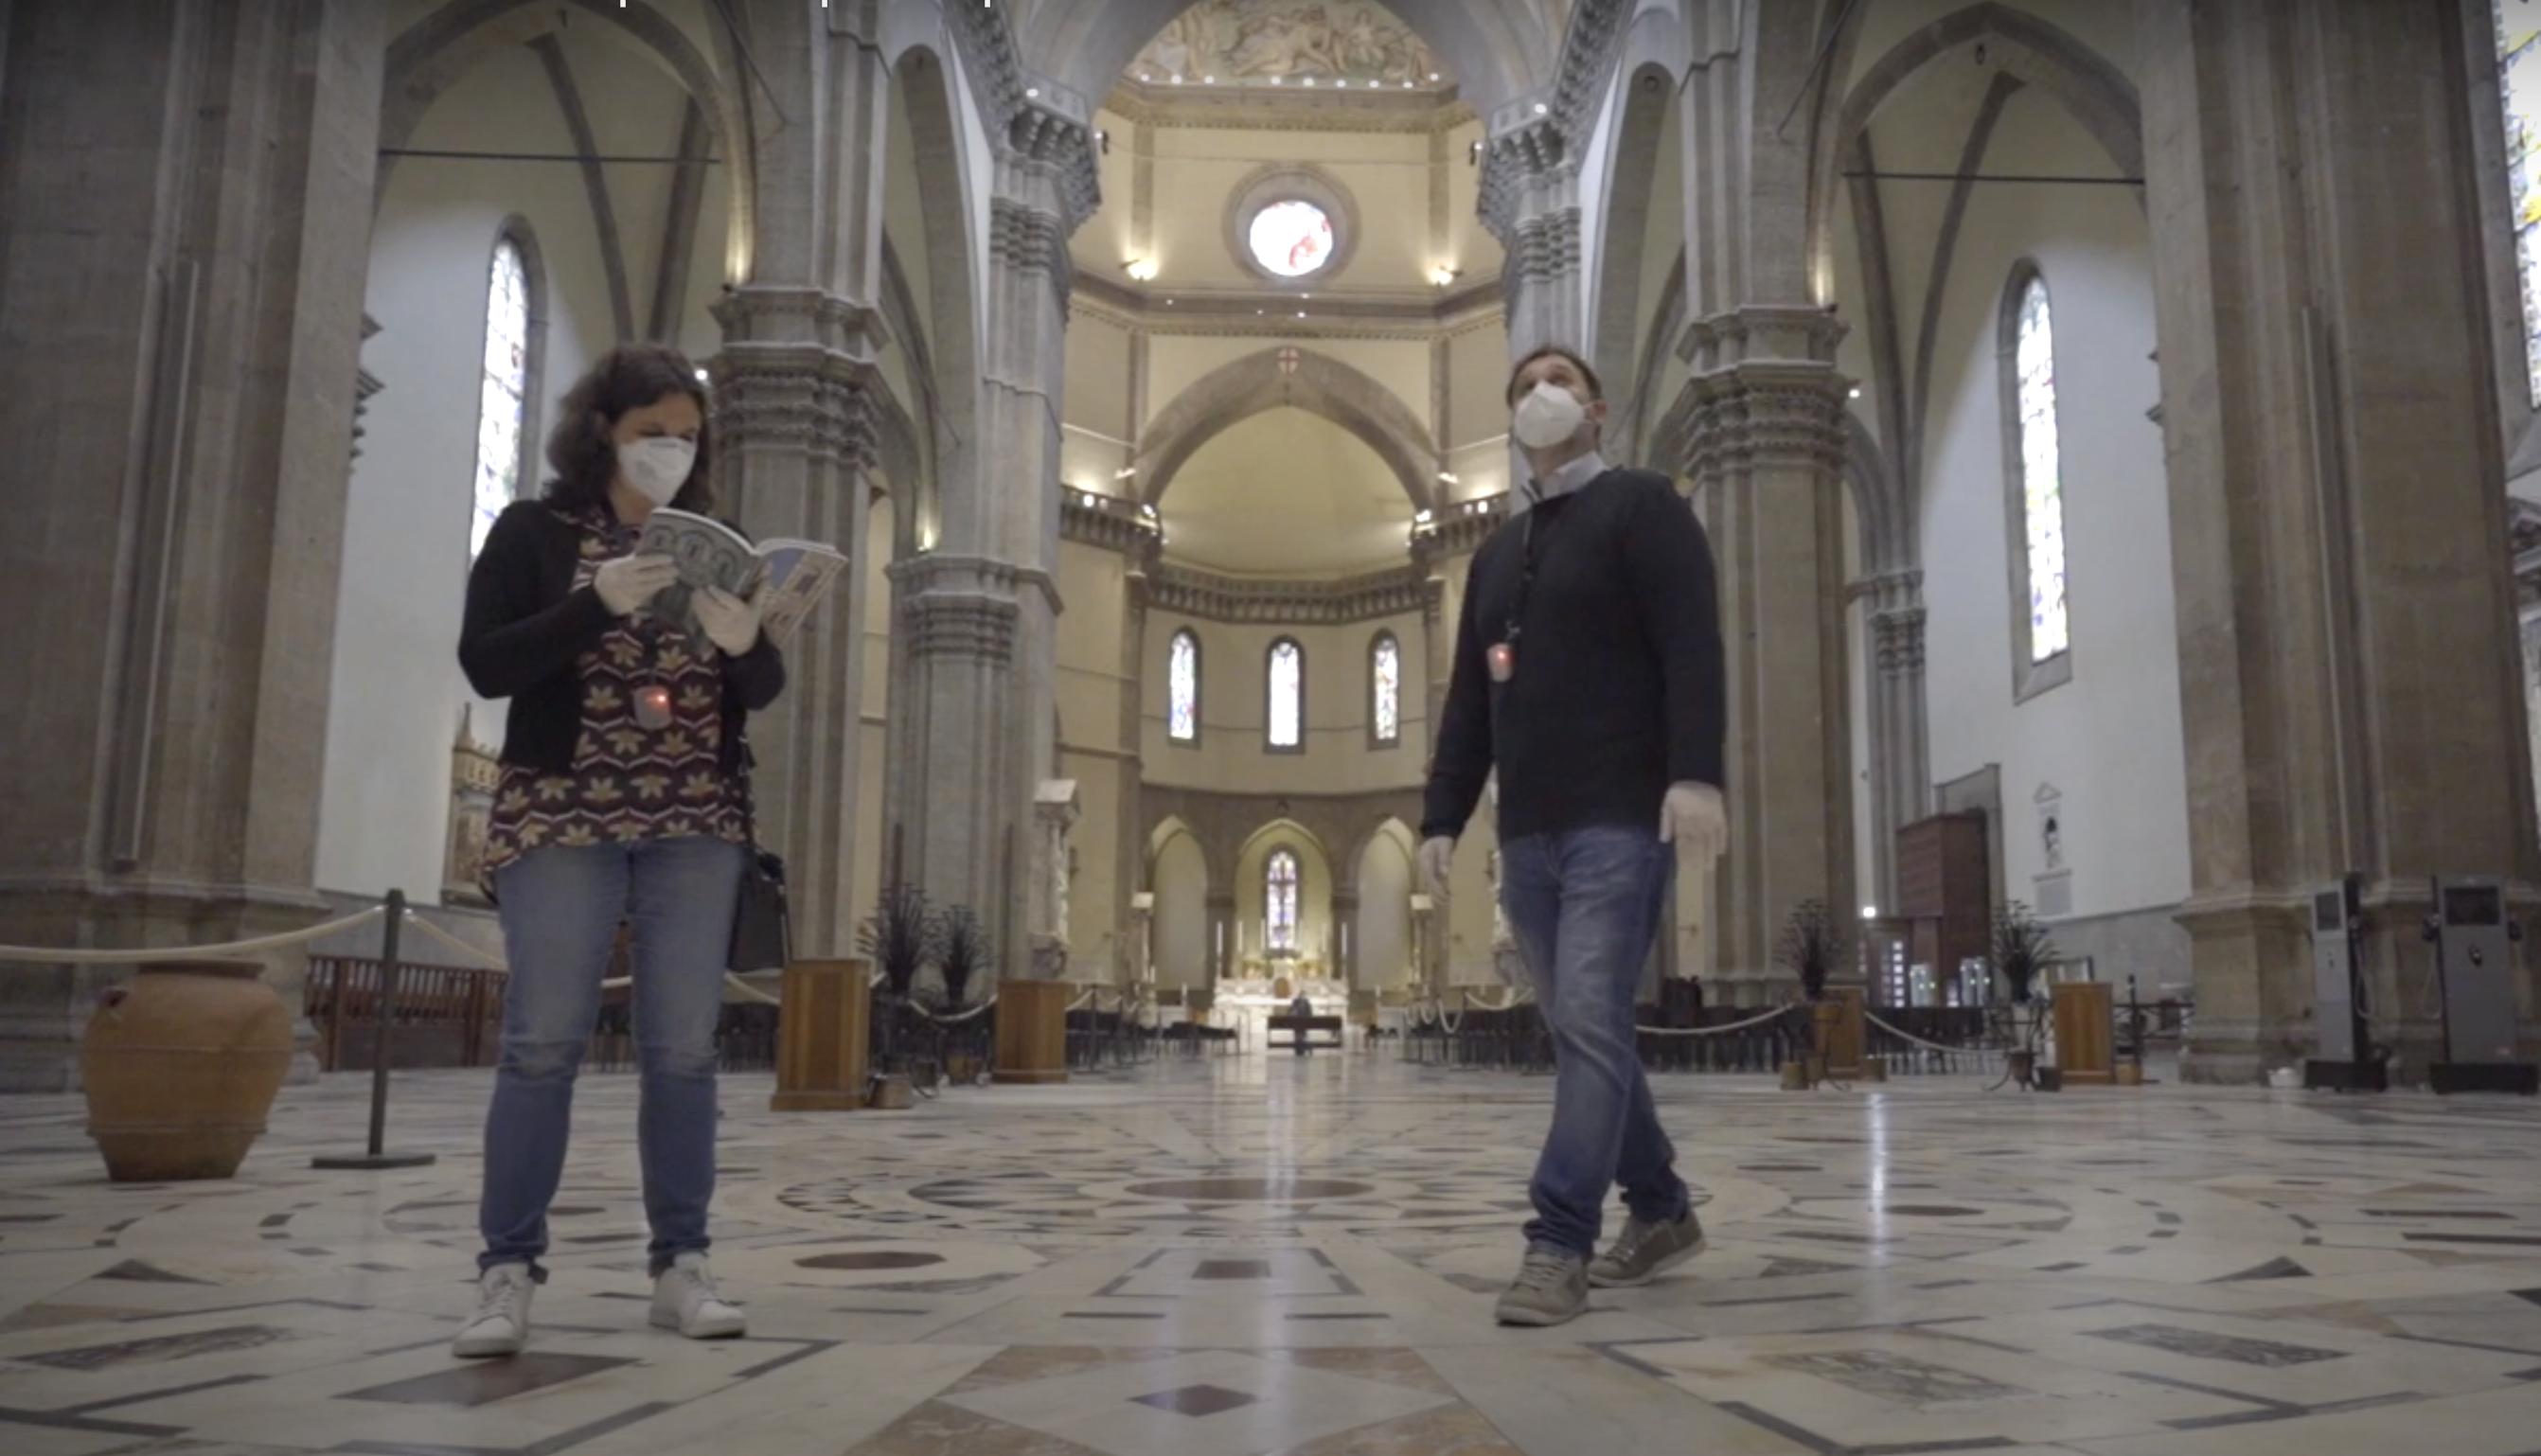 Visite in sicurezza: nel Duomo di Firenze un dispositivo garantisce le distanze tra visitatori